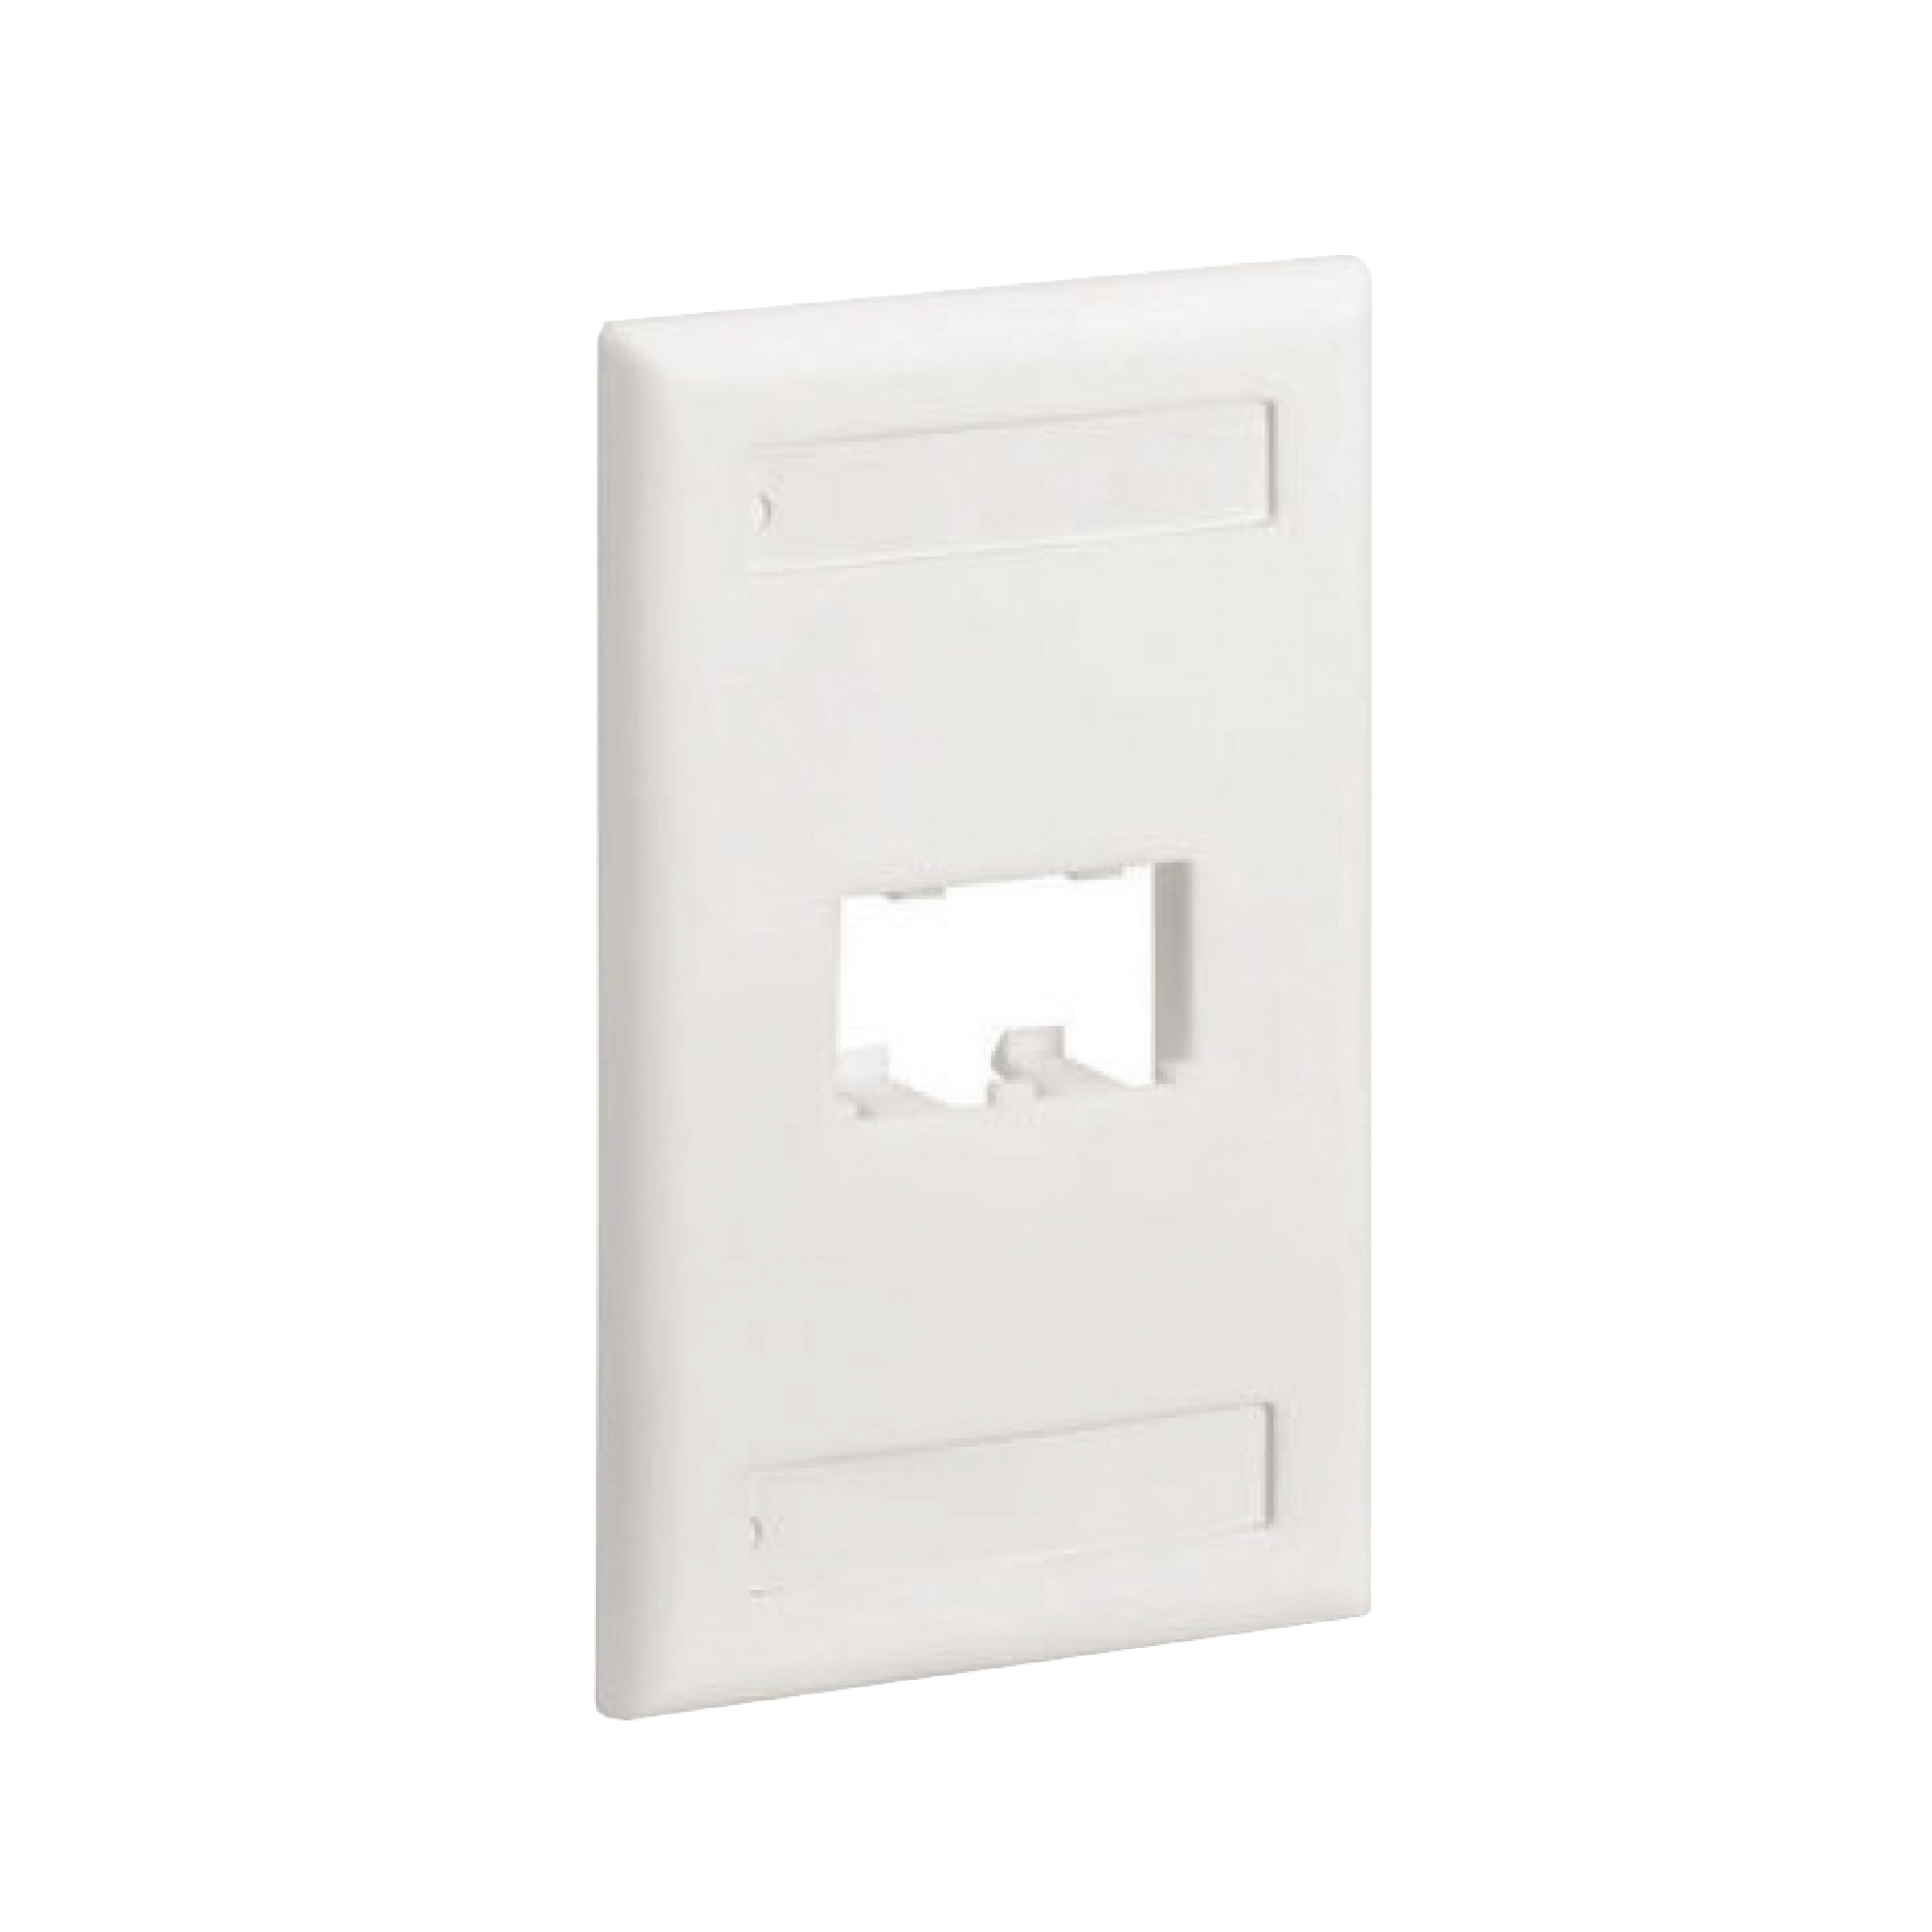 Placa de Pared Vertical Clásica, Salida Para 2 Puertos Mini-Com, Con Espacios Para Etiquetas, Color Blanco